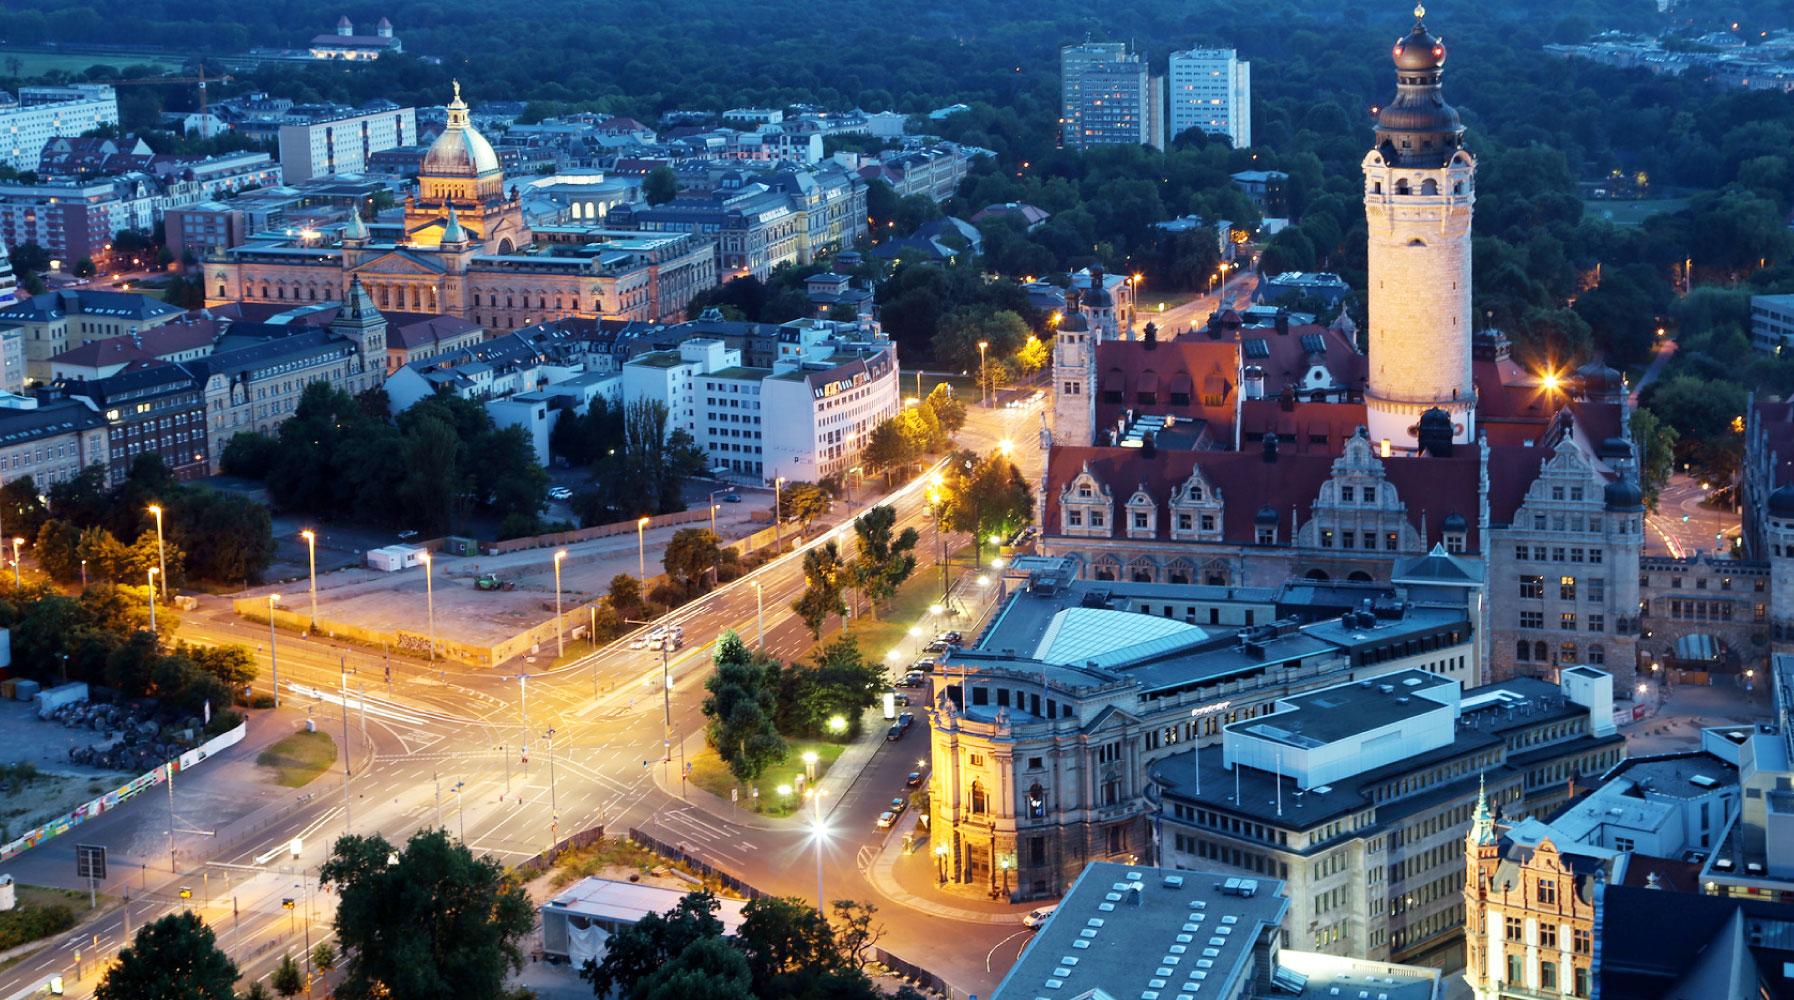 Stadt Leipzig bei Nacht mit Rathaus